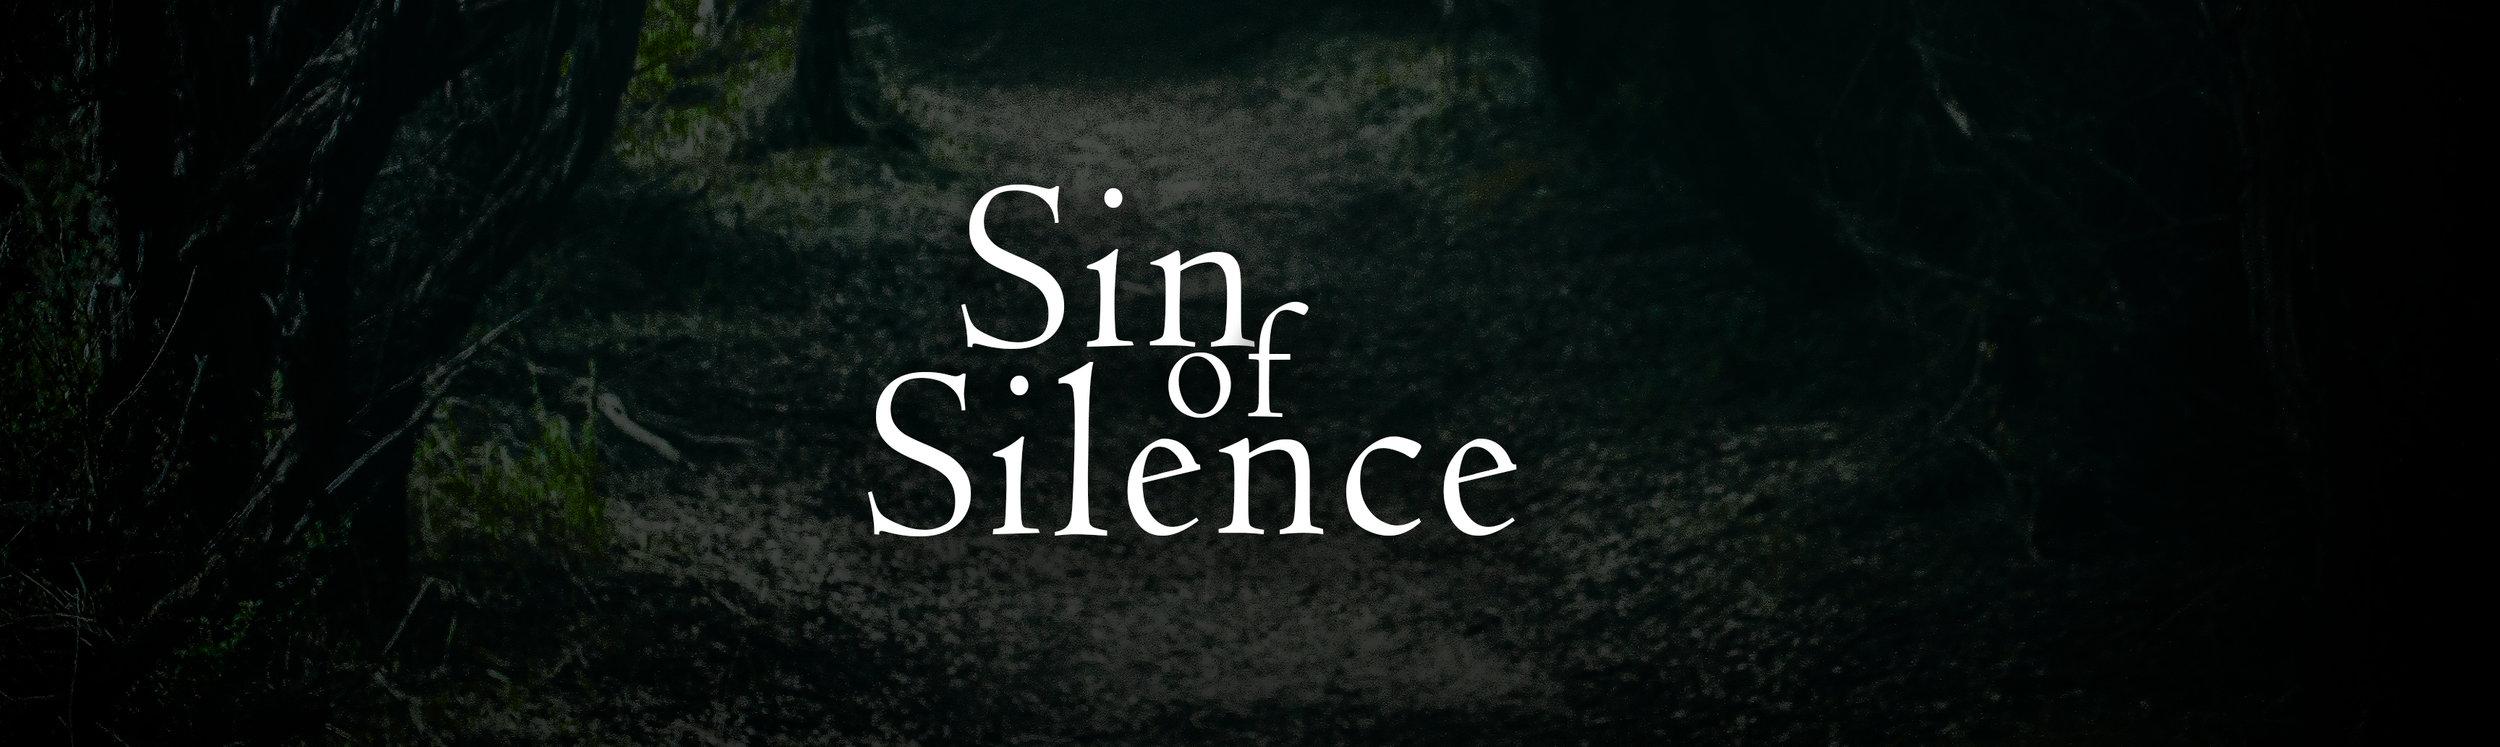 Sin of Silnce banner.jpg